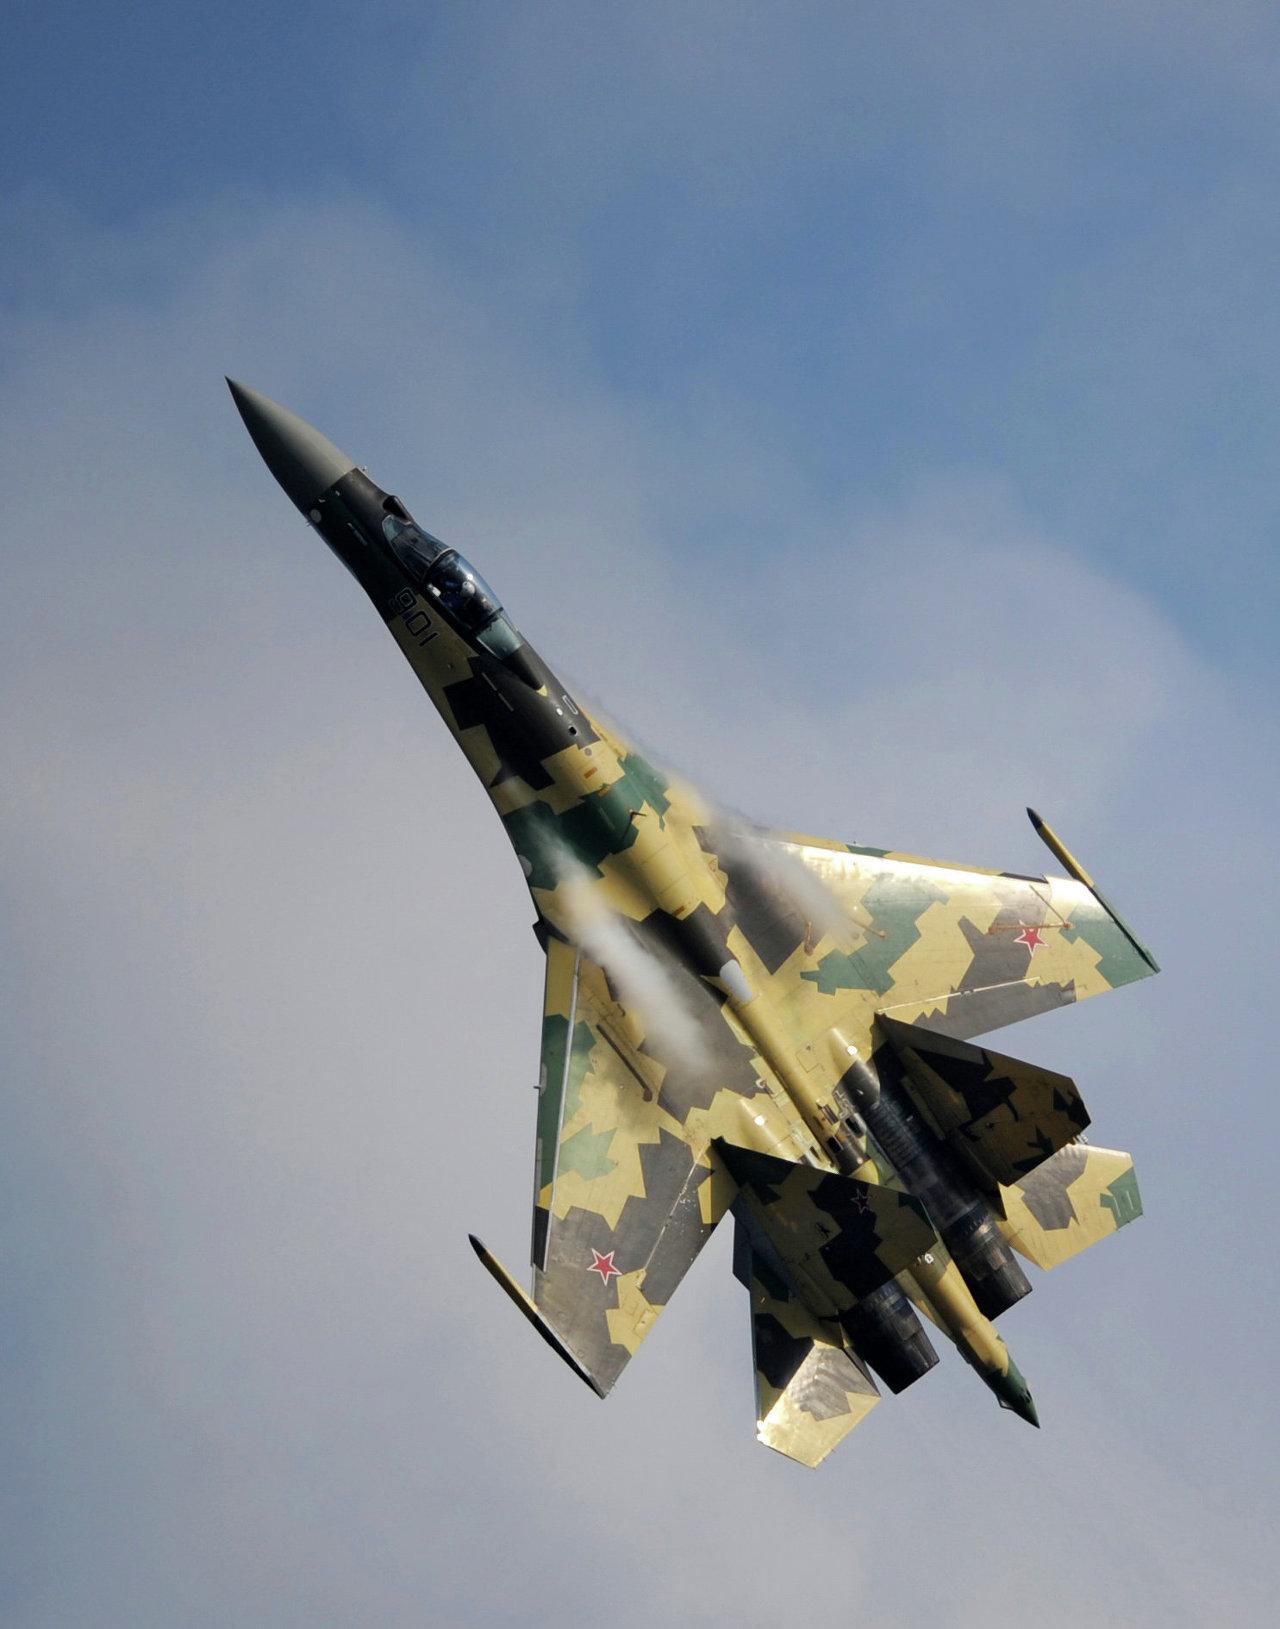 المقاتلة الروسية الحديثة سو - 35 .